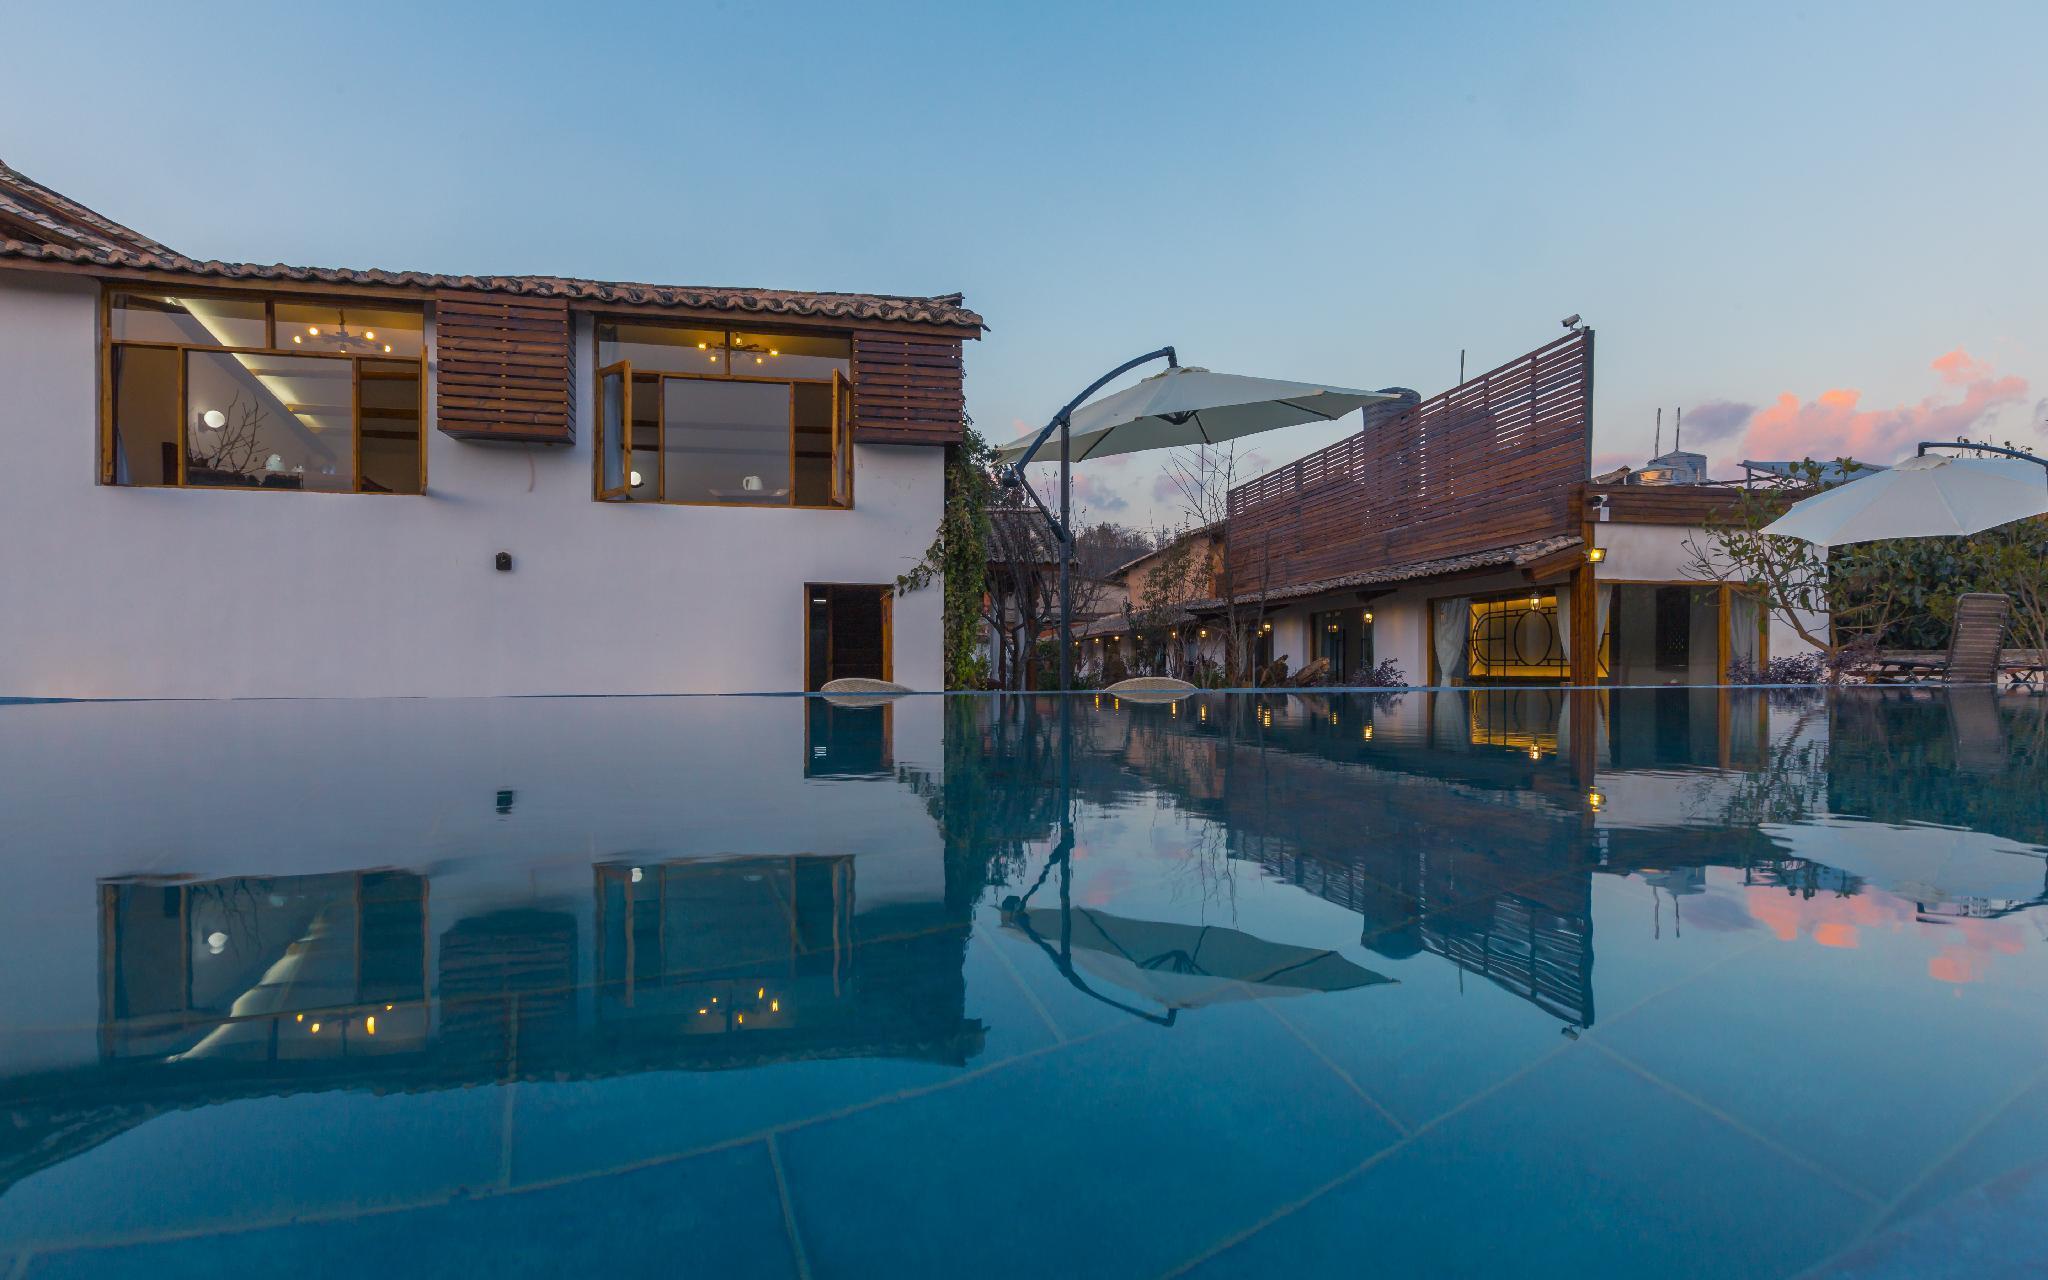 Chun Jian Hotel